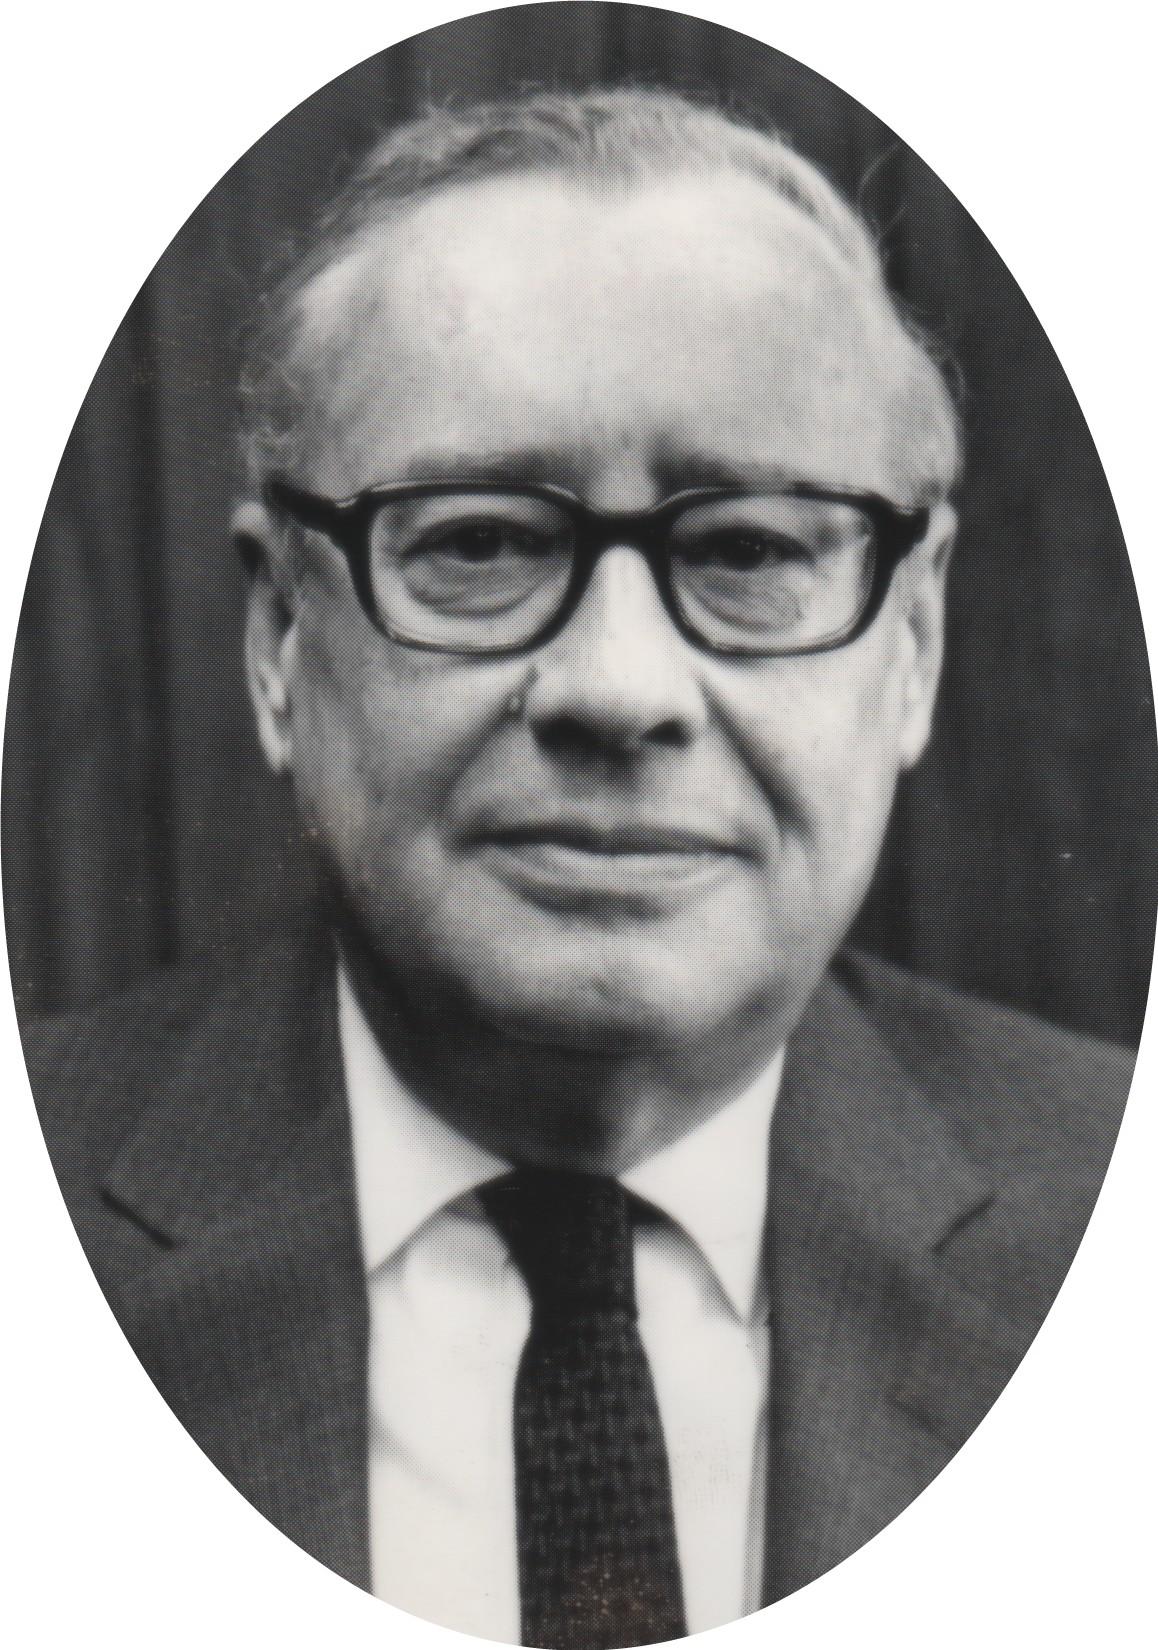 Robert Wales McLain